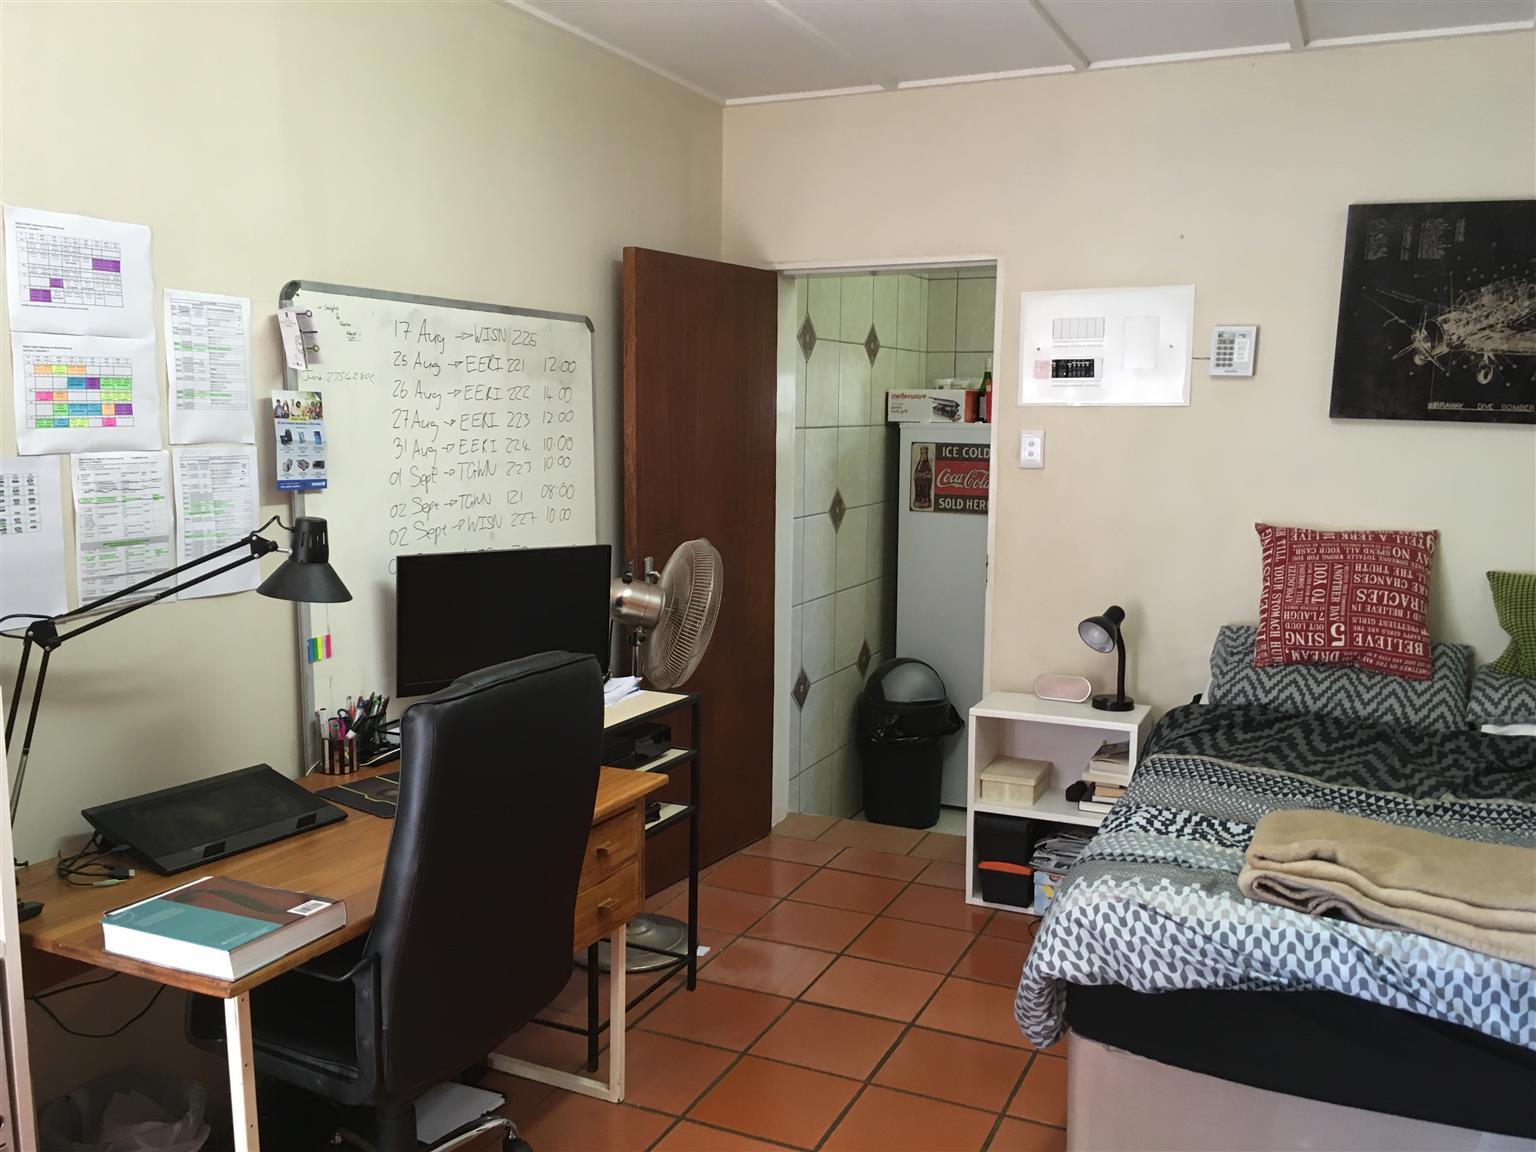 Woontel beskikbaar by studentehuis, 600m van NWU Potchefstroom